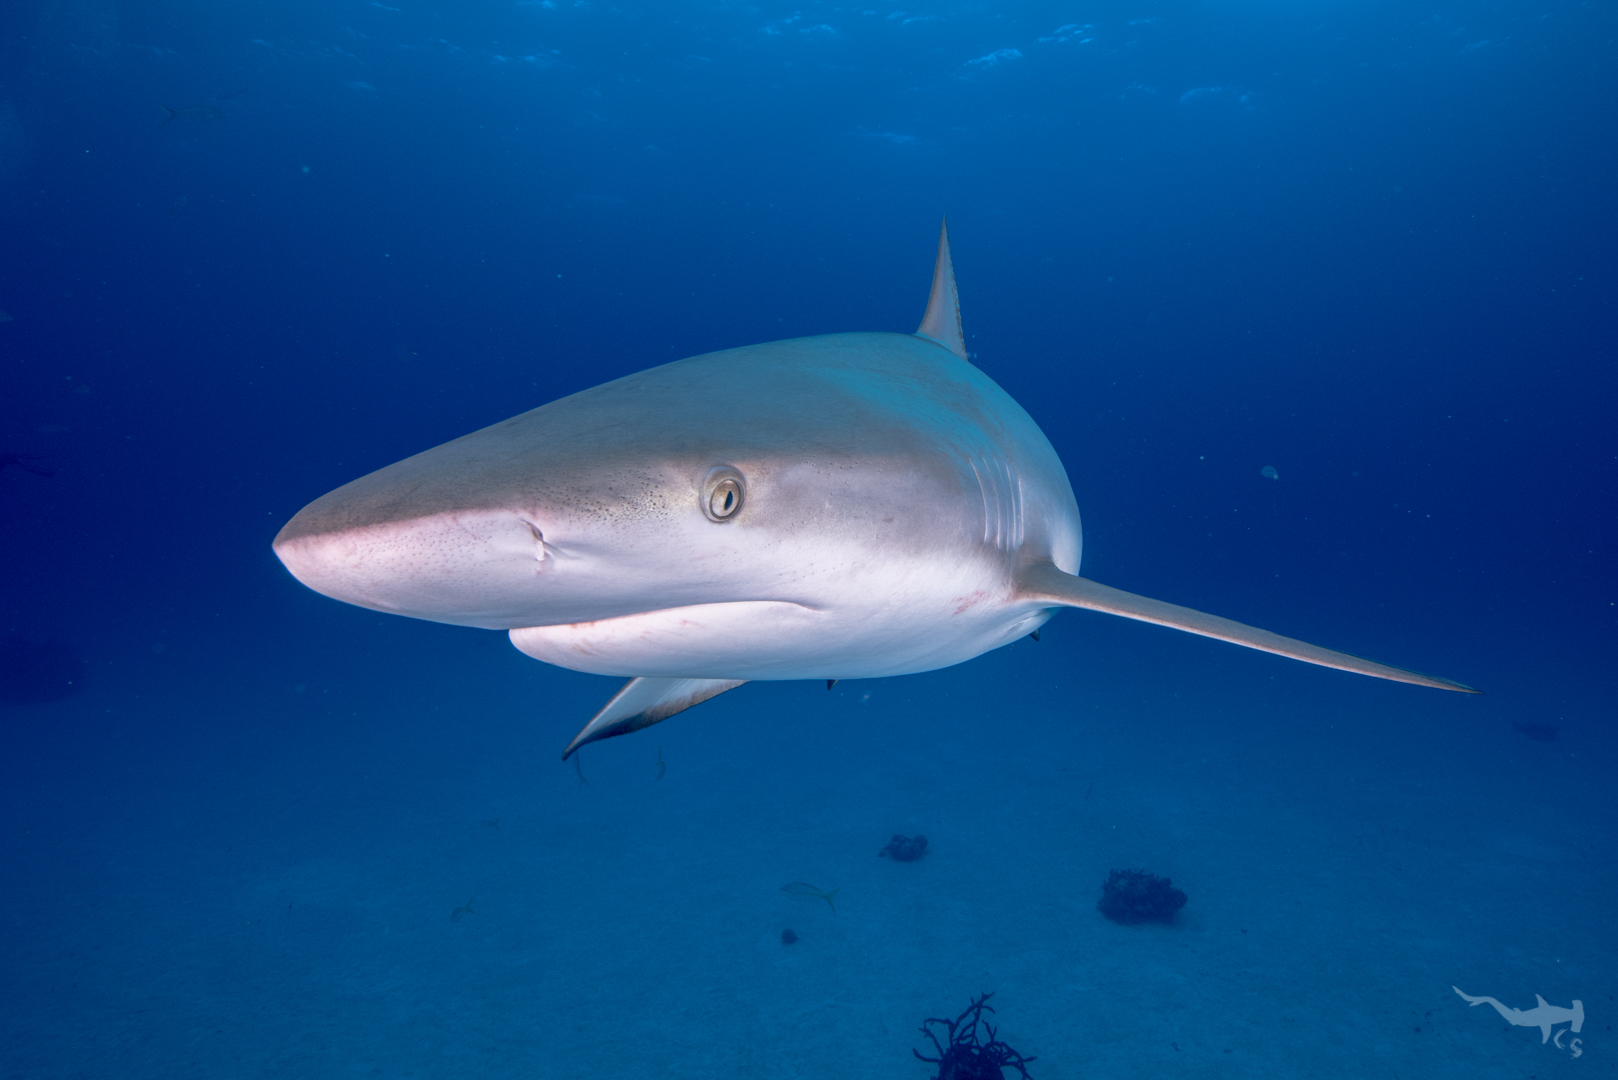 Caribbean Reefshark - Eleuthera/Bahamas